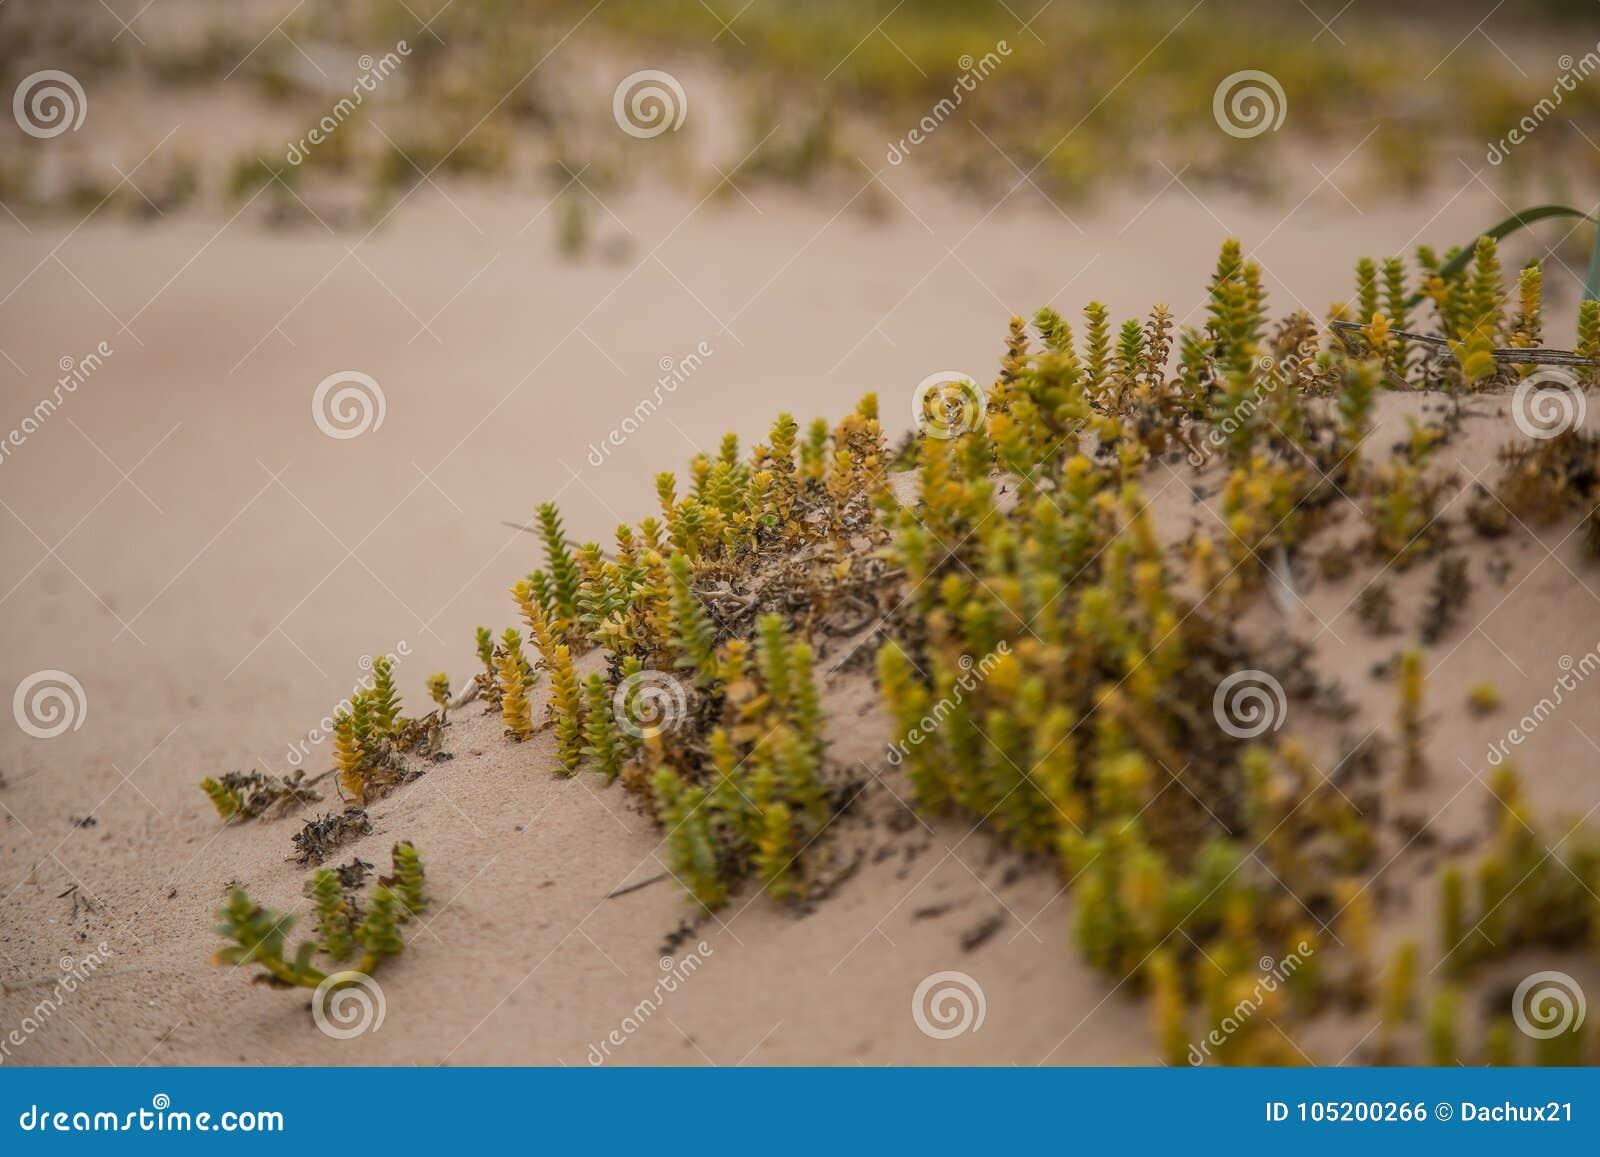 Een kleine, heldere kust plant het groeien in het zand Strandlandschap met lokale flora